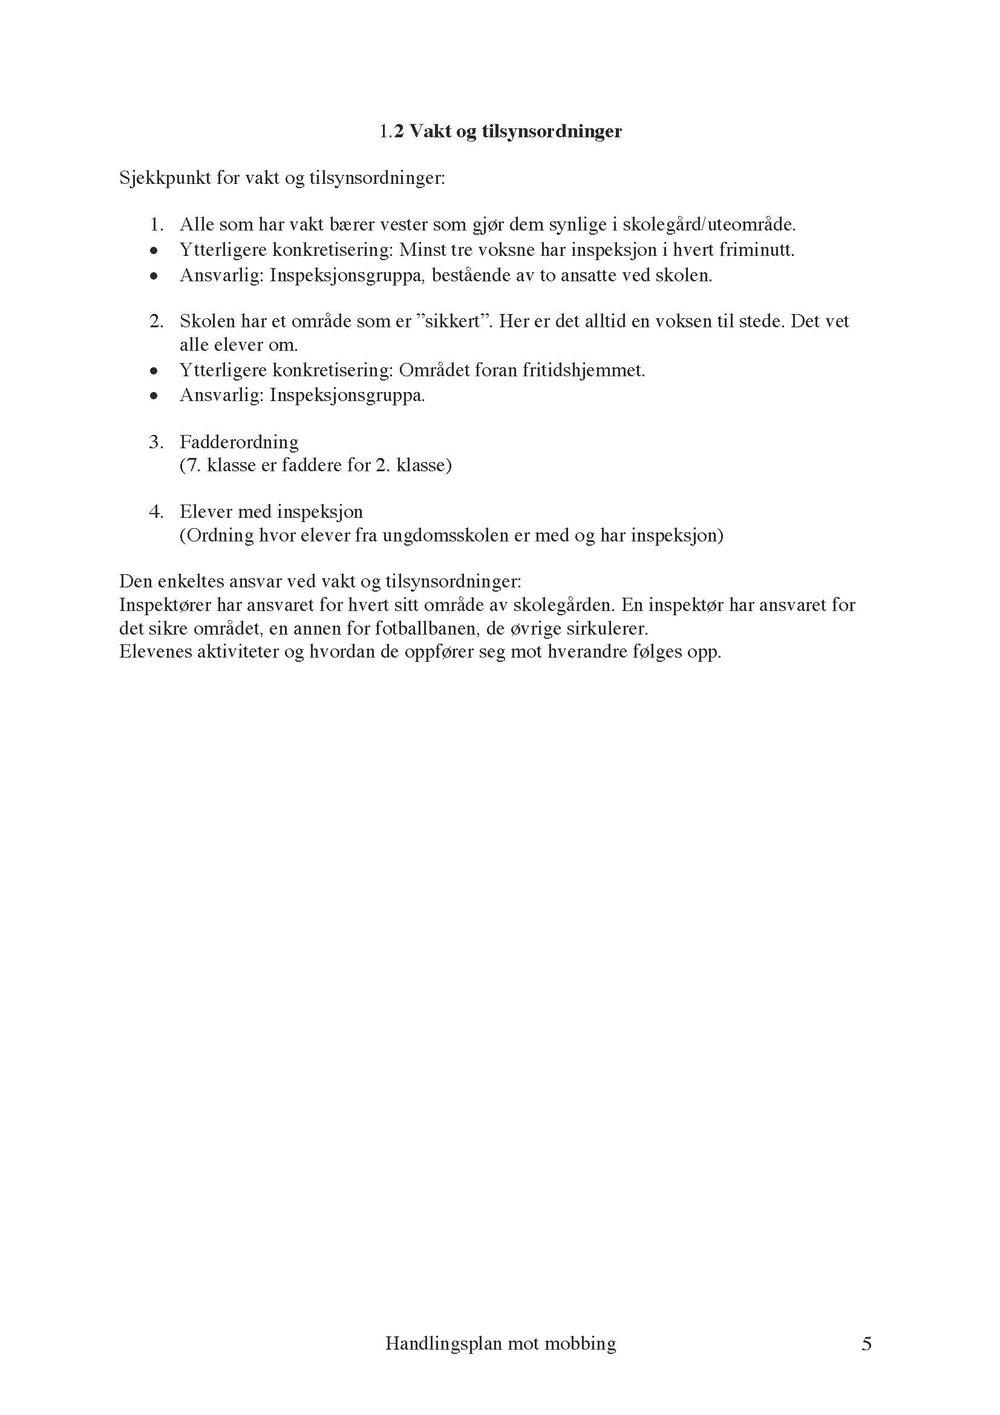 Handlingsplan mot mobbing _Page_05.jpg